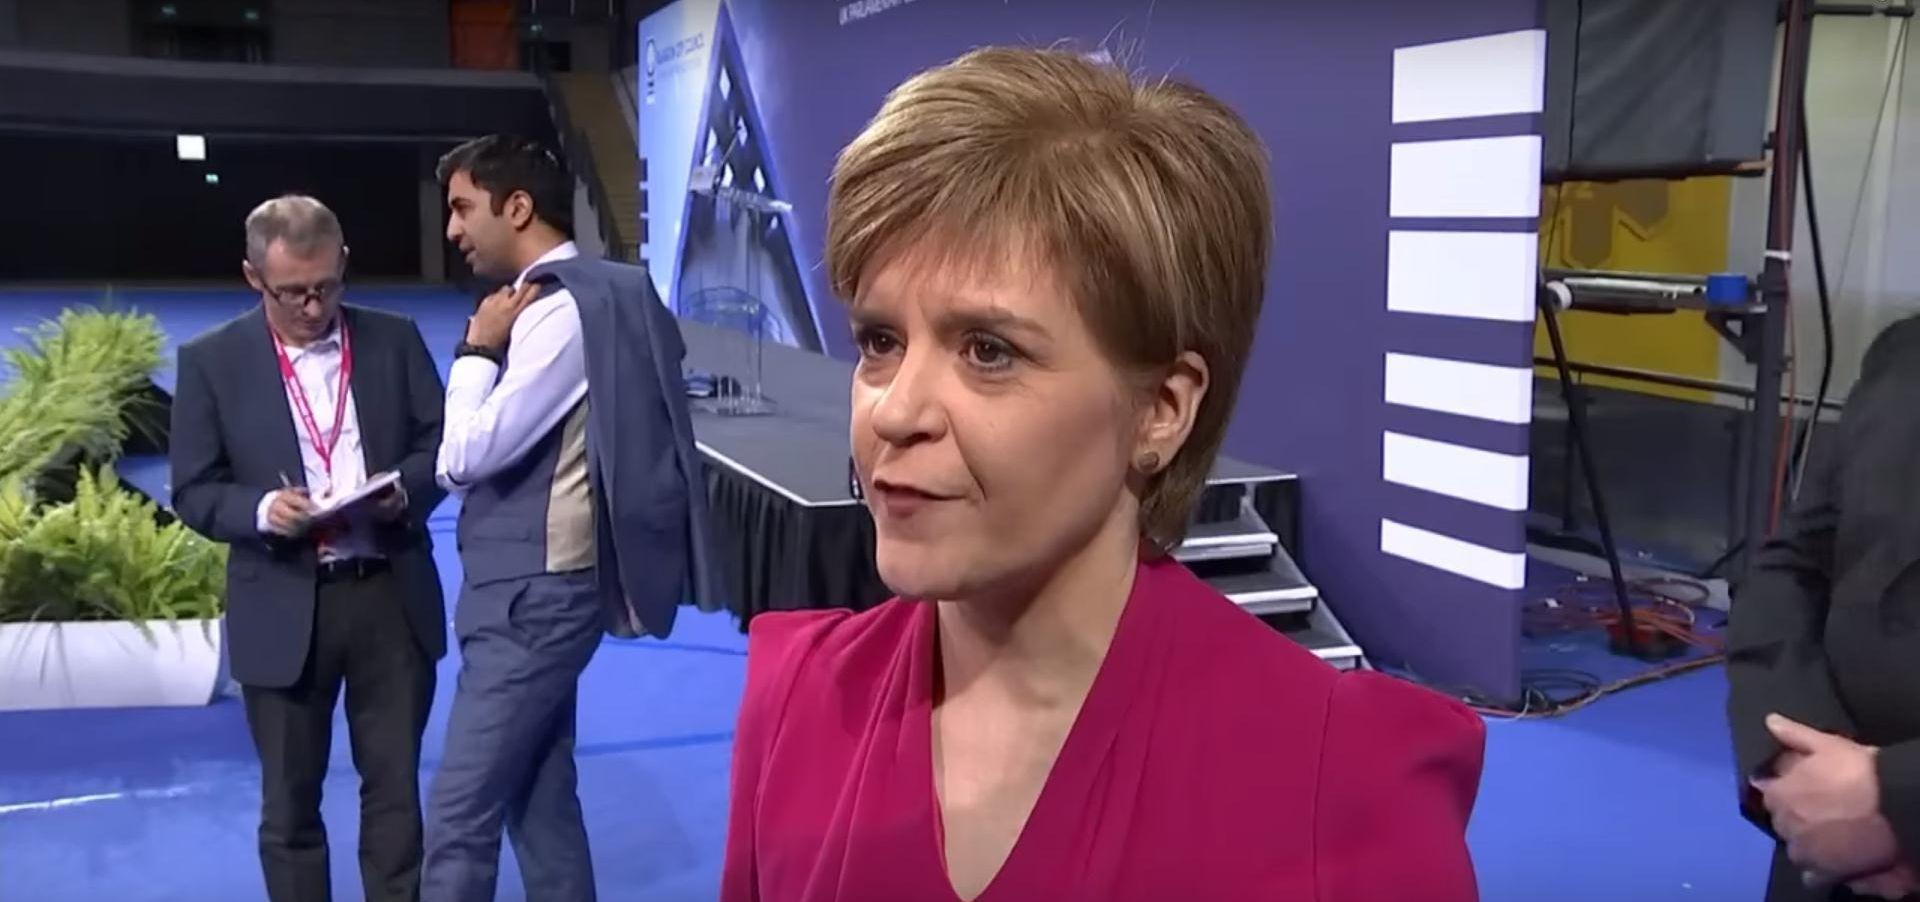 Škotska SNP protiv izlaska Britanije iz EU